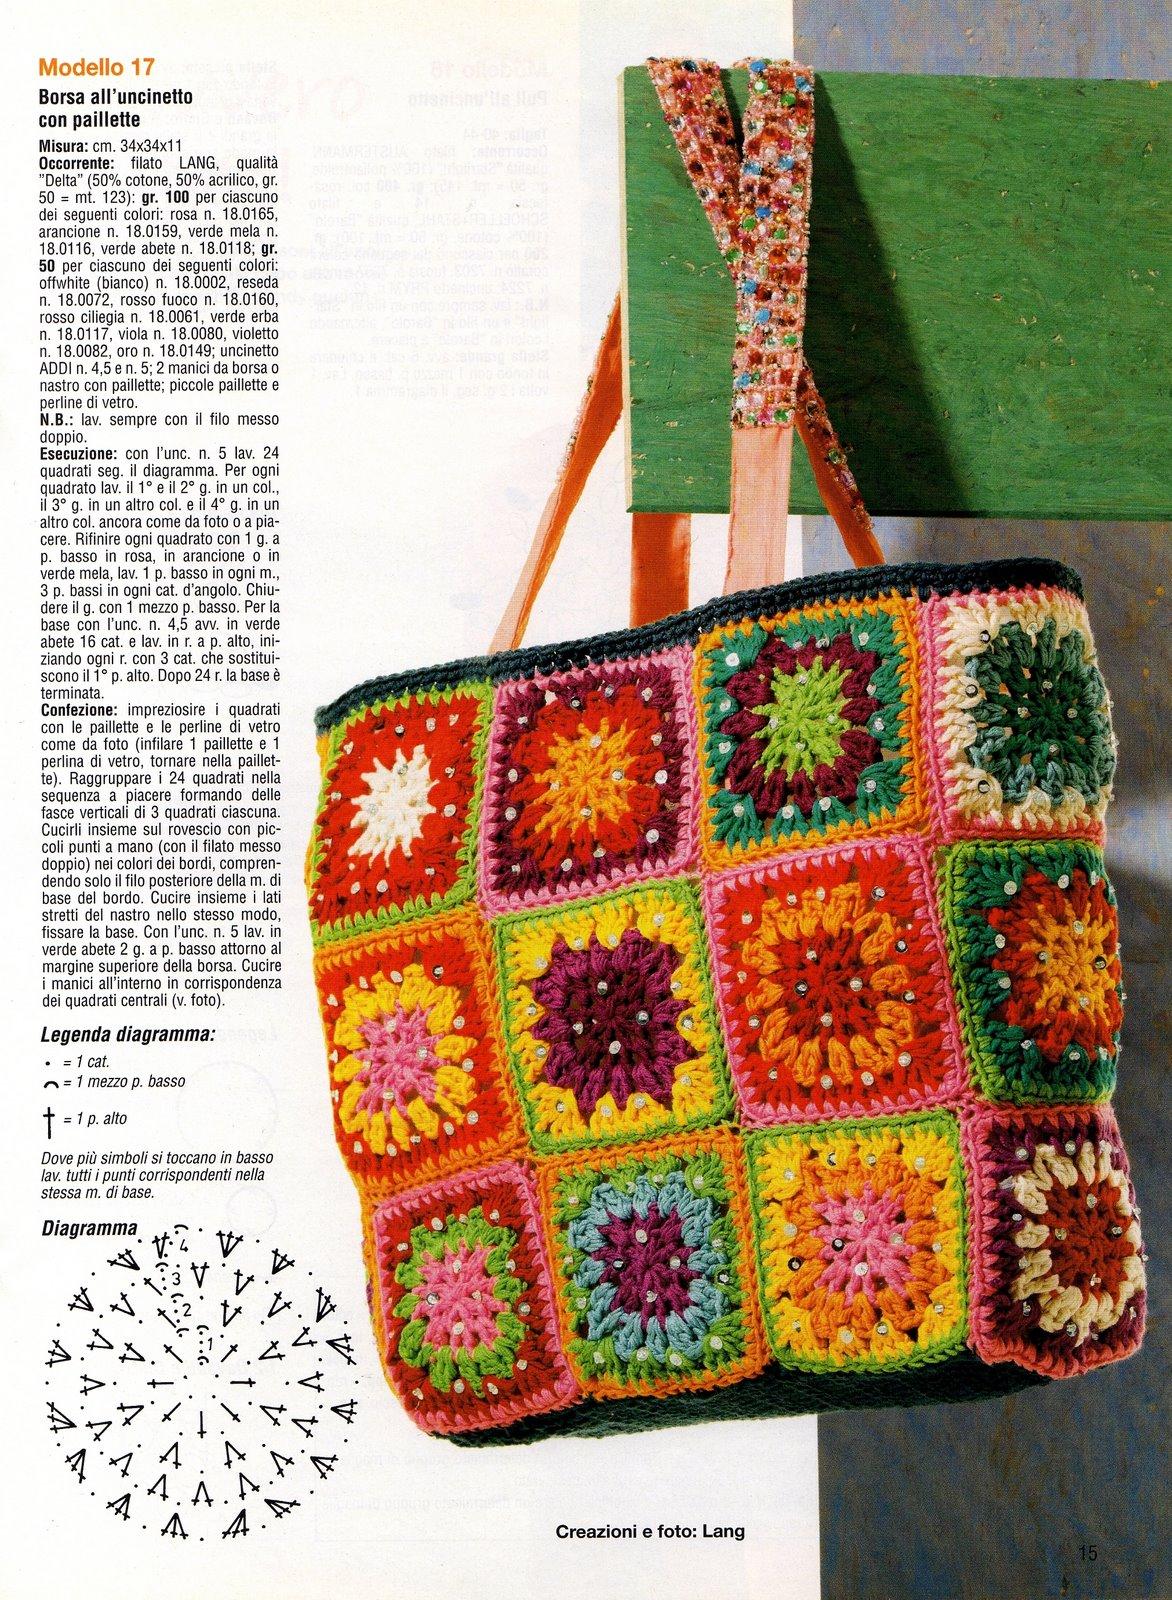 Borsa uncinetto colorata con paillettes punto croce uncinetto schemi gratis for Schemi borse uncinetto